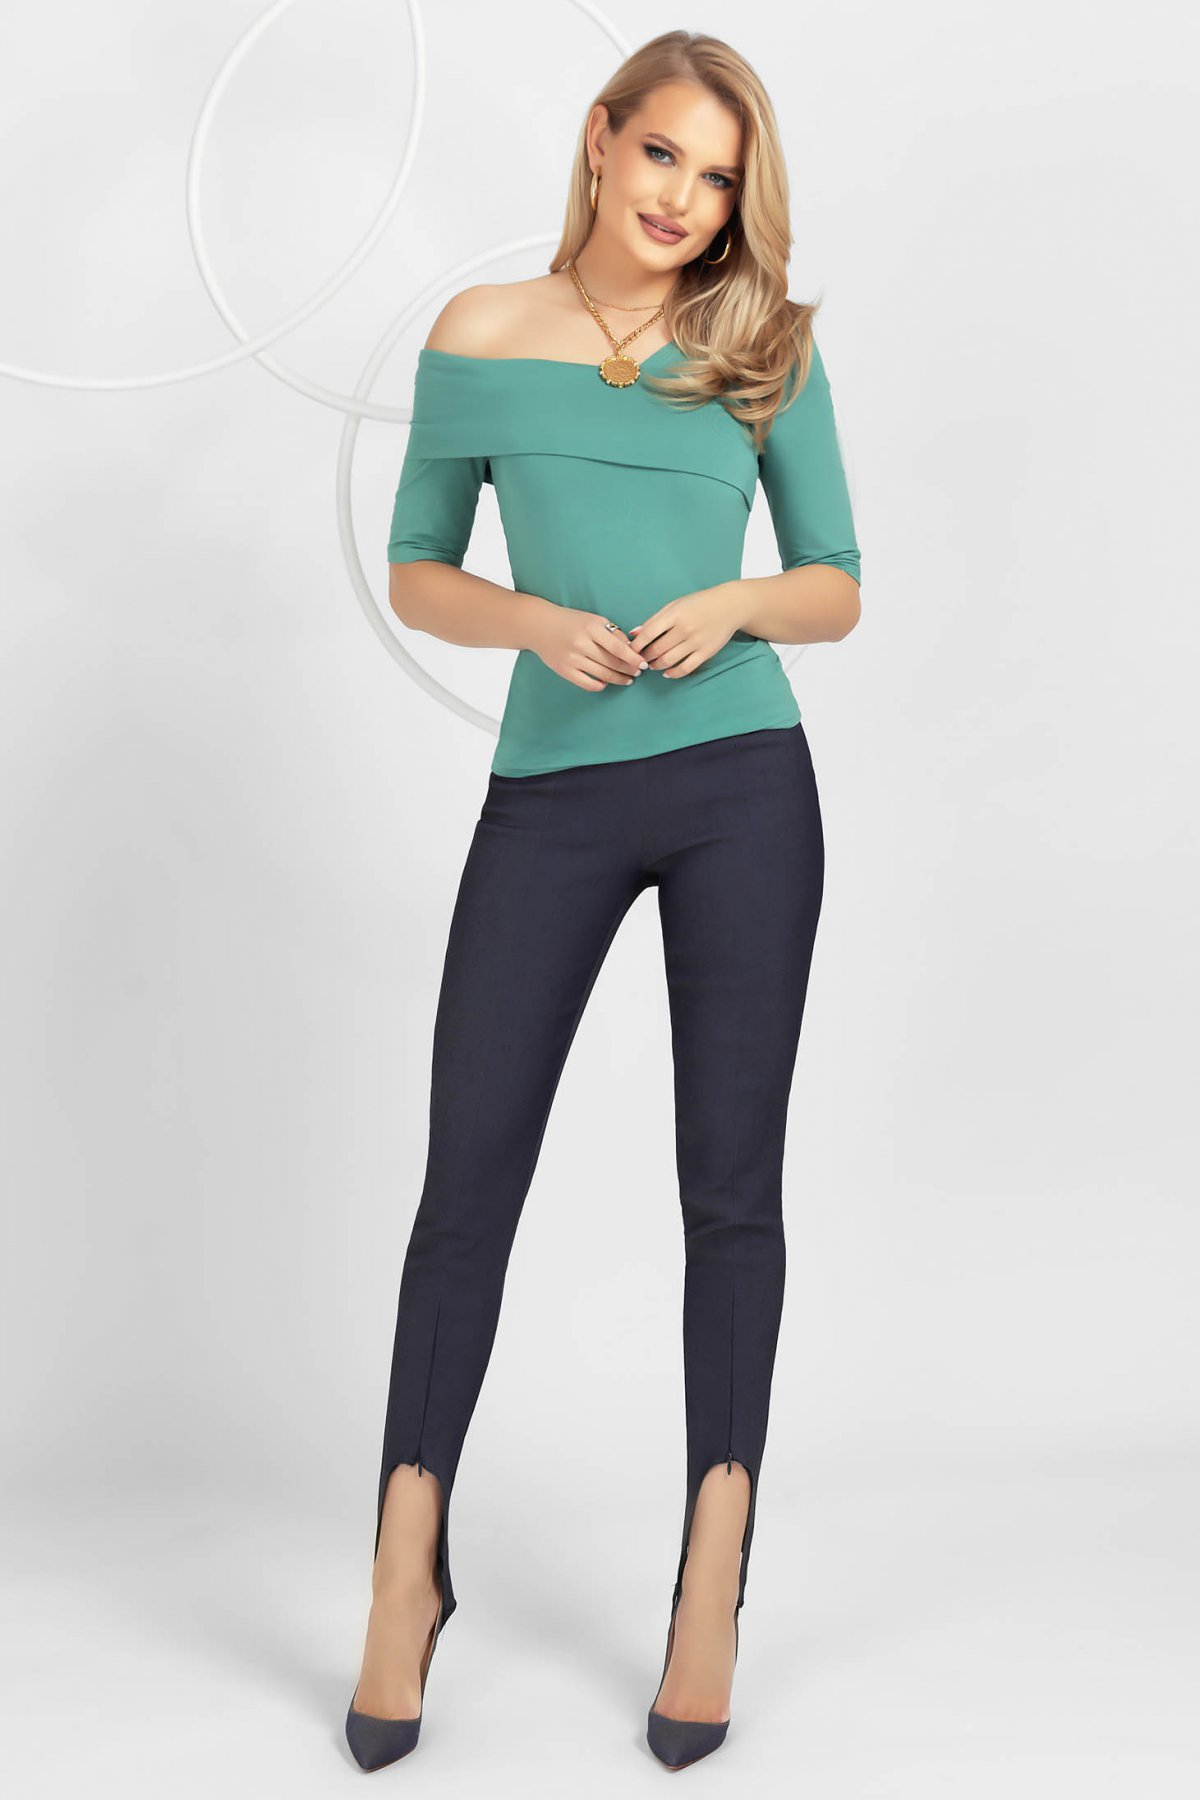 Pantaloni PrettyGirl albastru-inchis tip jeans conici cu talie medie